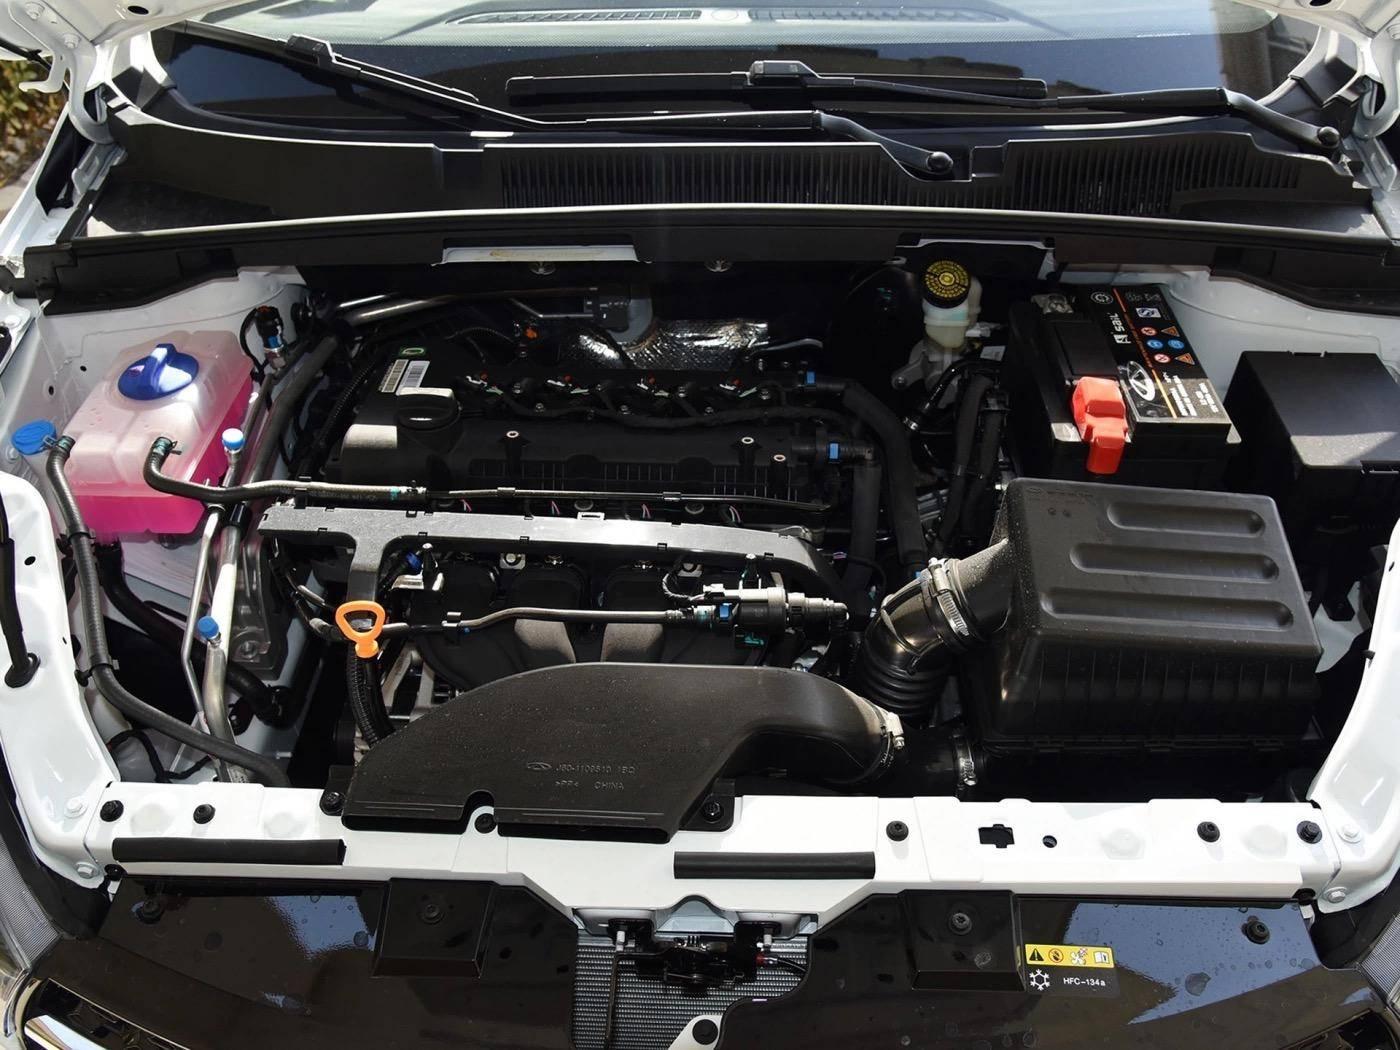 大厂出品起价不足5万,轴距近2米7,标配两气囊+胎压显示